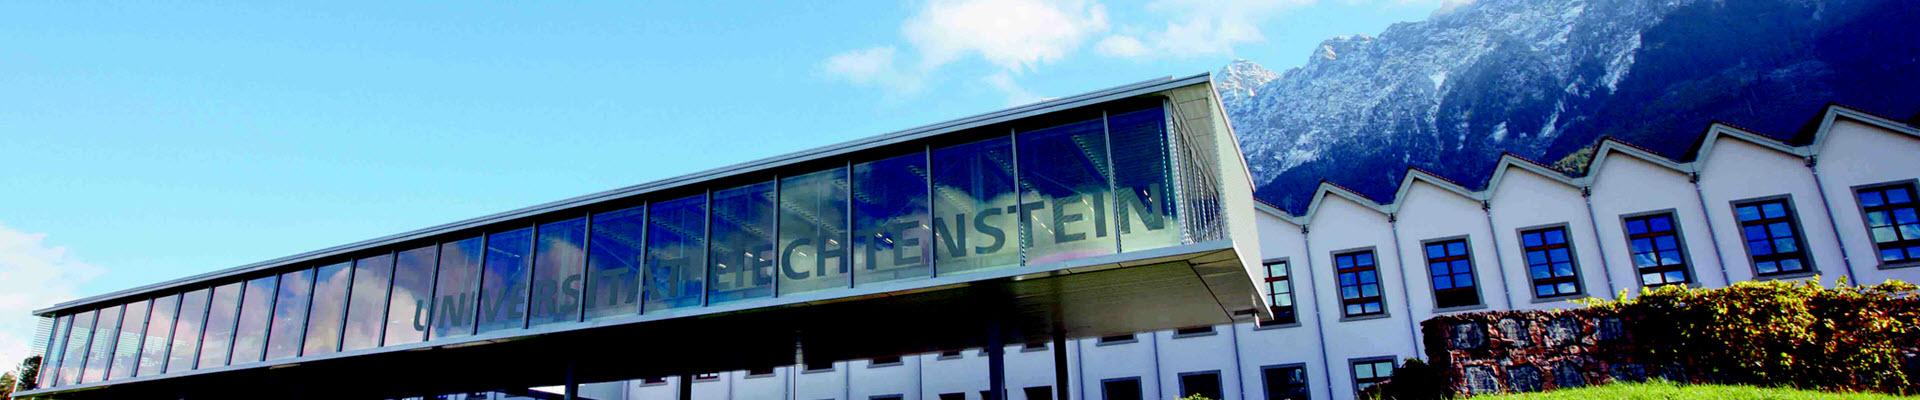 Wissenschaftlicher Assistent (m/w/d) - Universität Liechtenstein - Bild